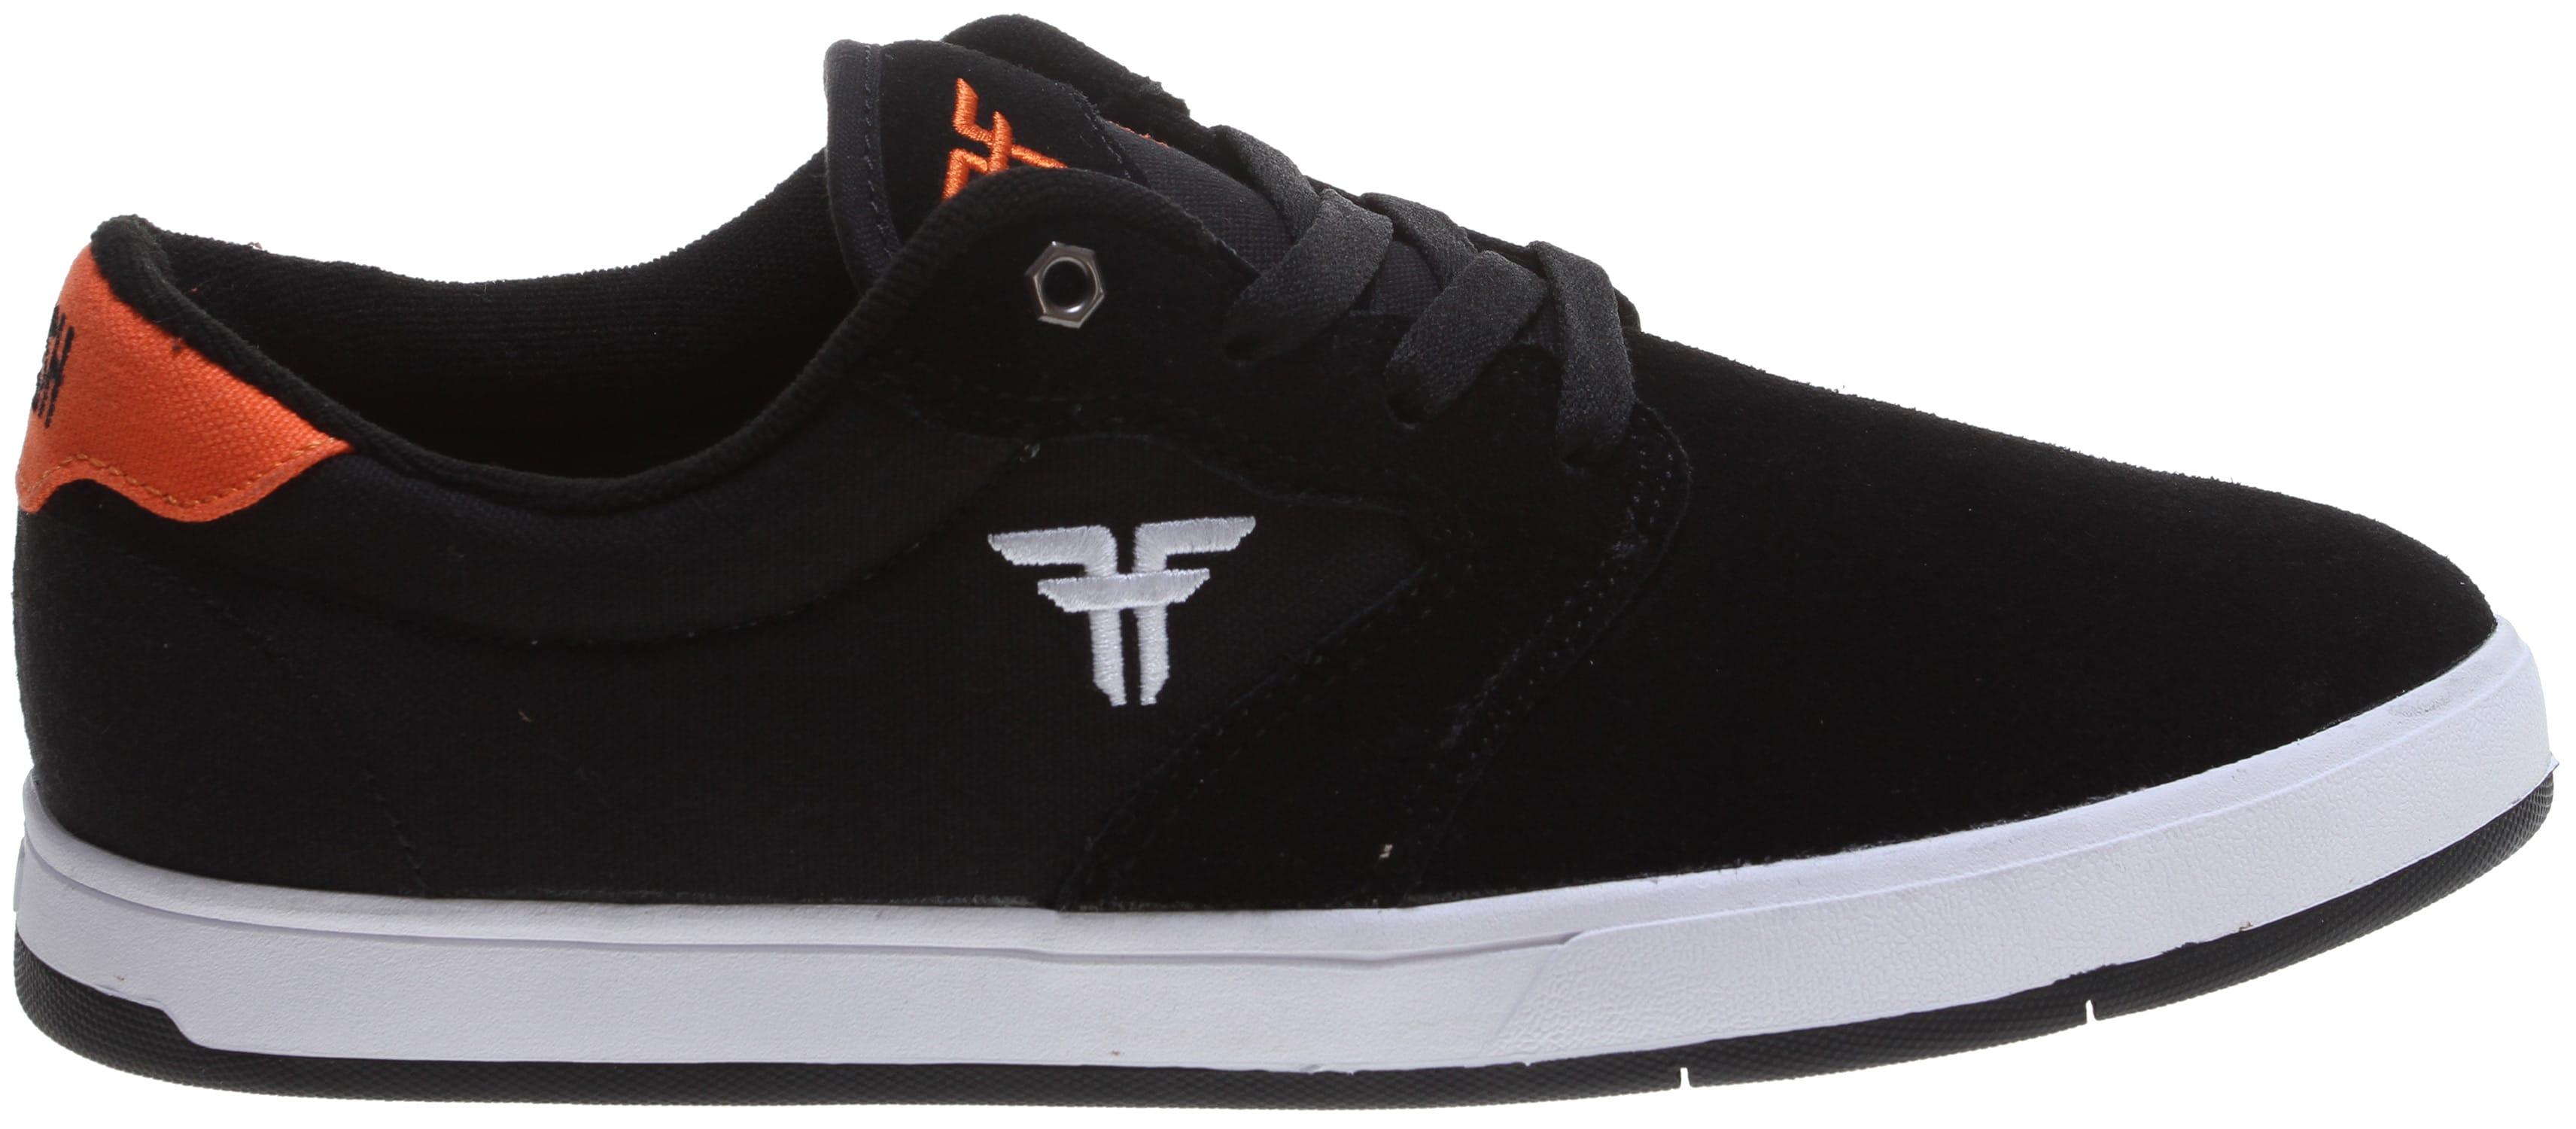 29144ee008 Fallen Slash II Skate Shoes - thumbnail 1